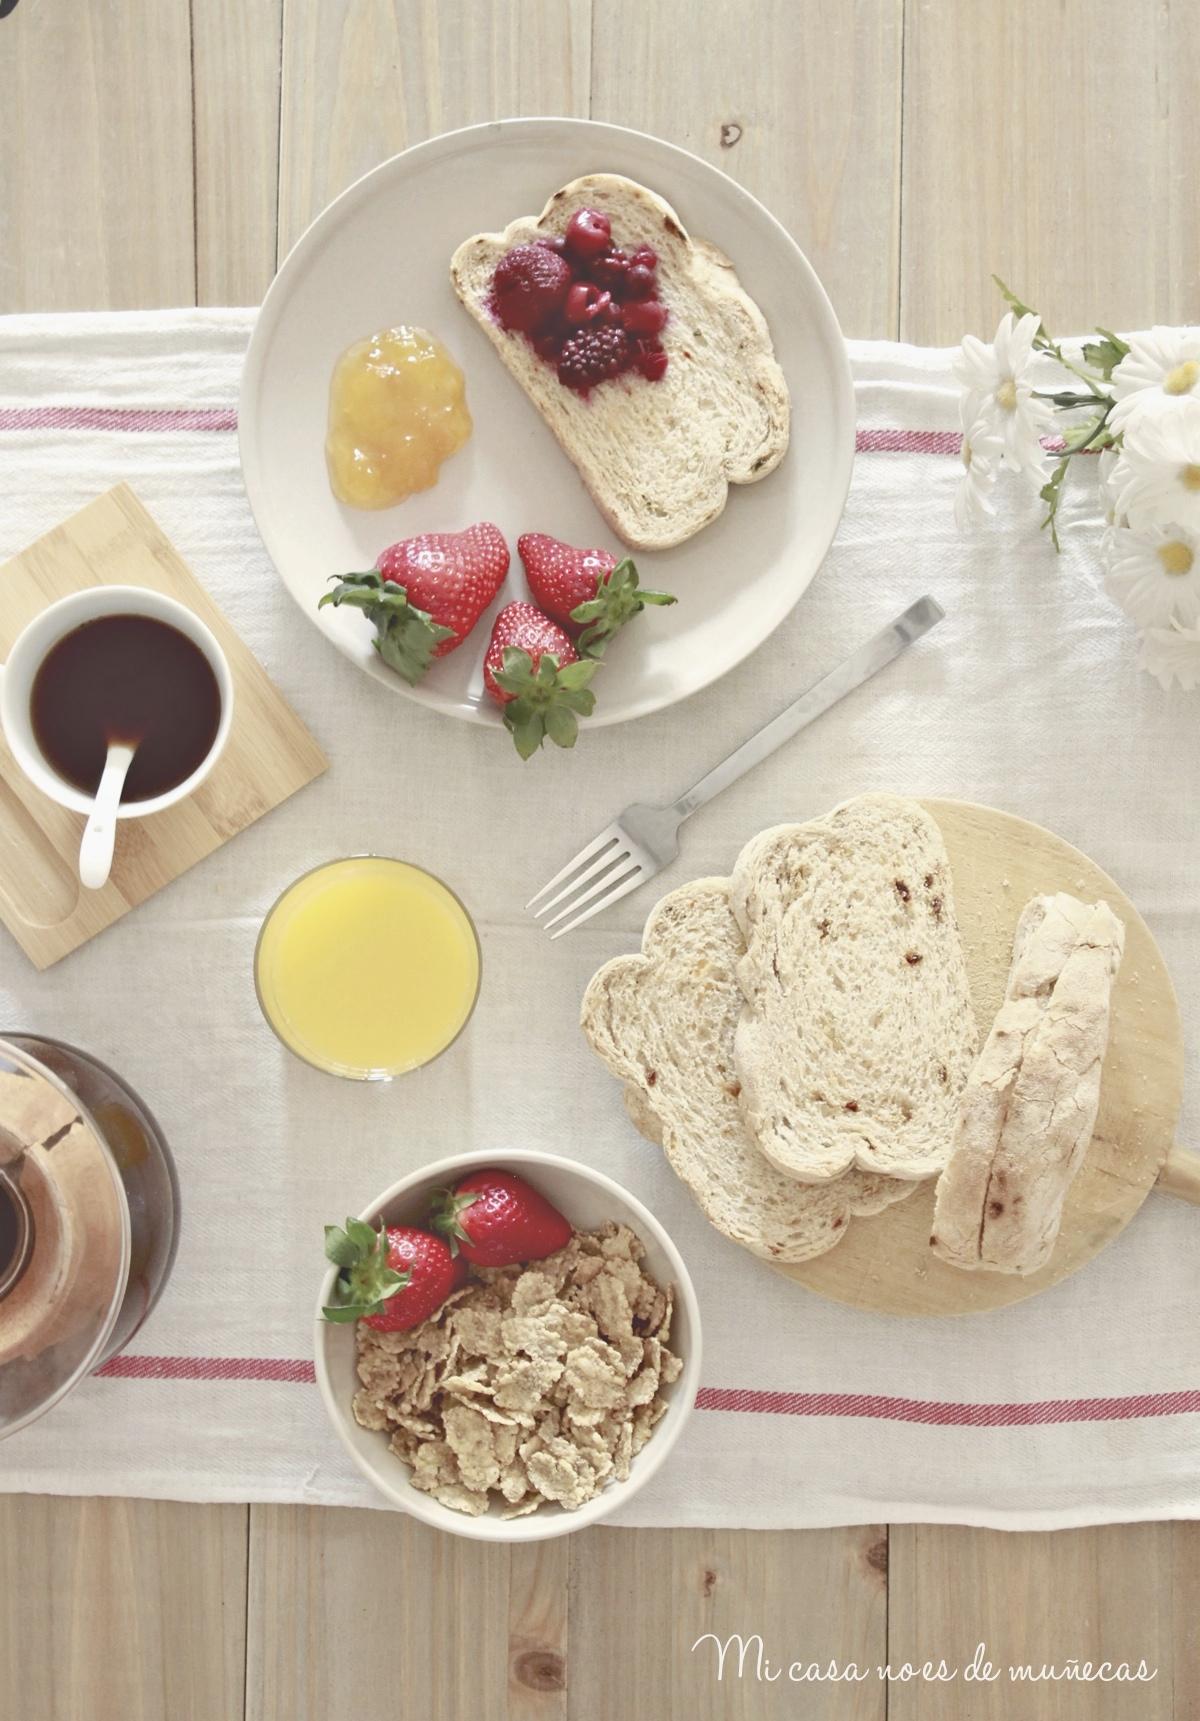 Quedamos en desayunar_03